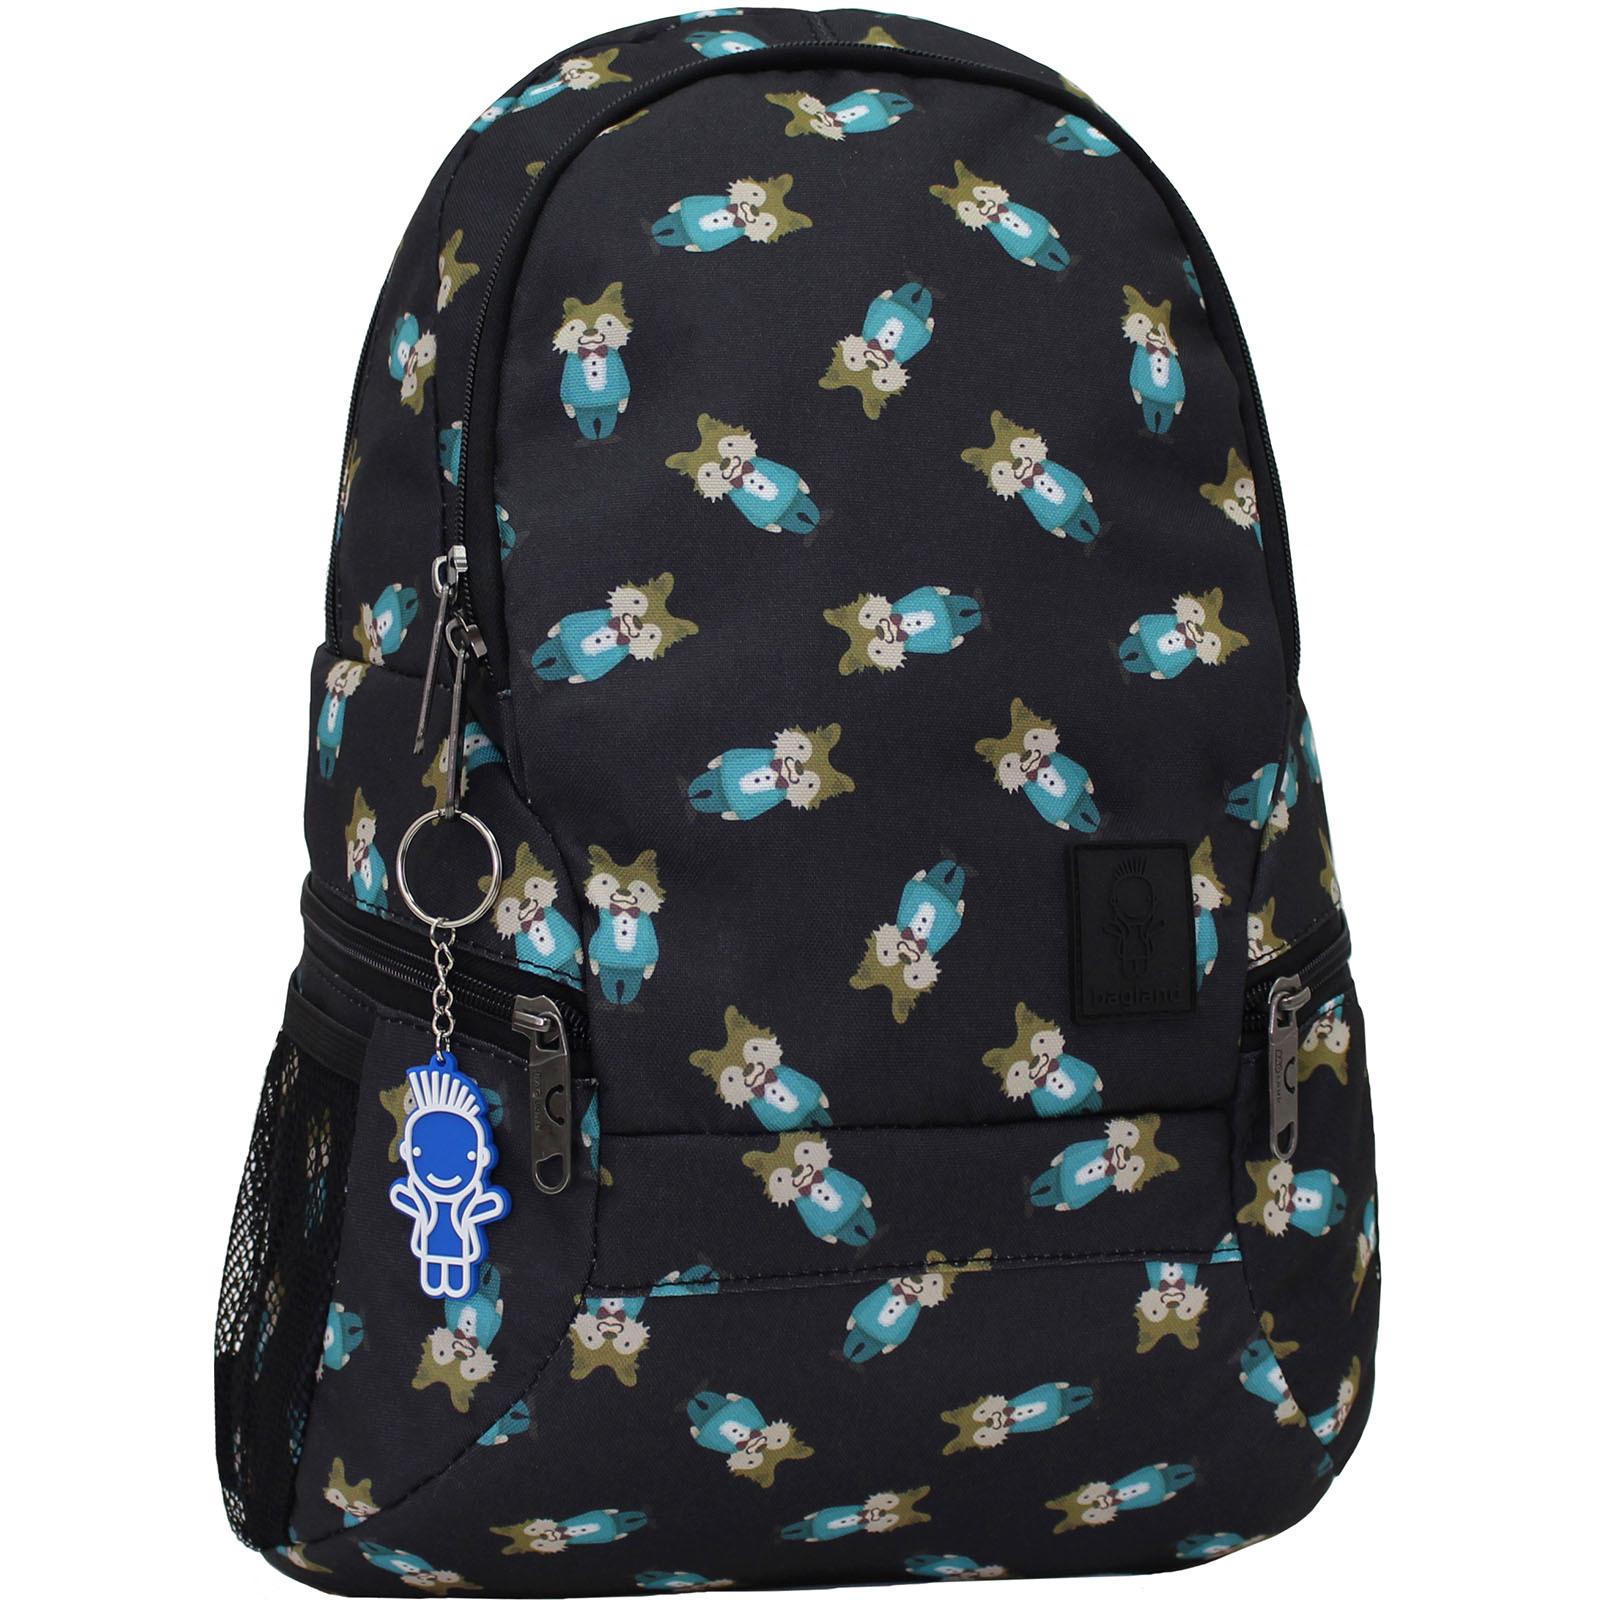 Городские рюкзаки Рюкзак Bagland Urban 20 л. сублимация (бурундуки) (00530664) IMG_8710.JPG